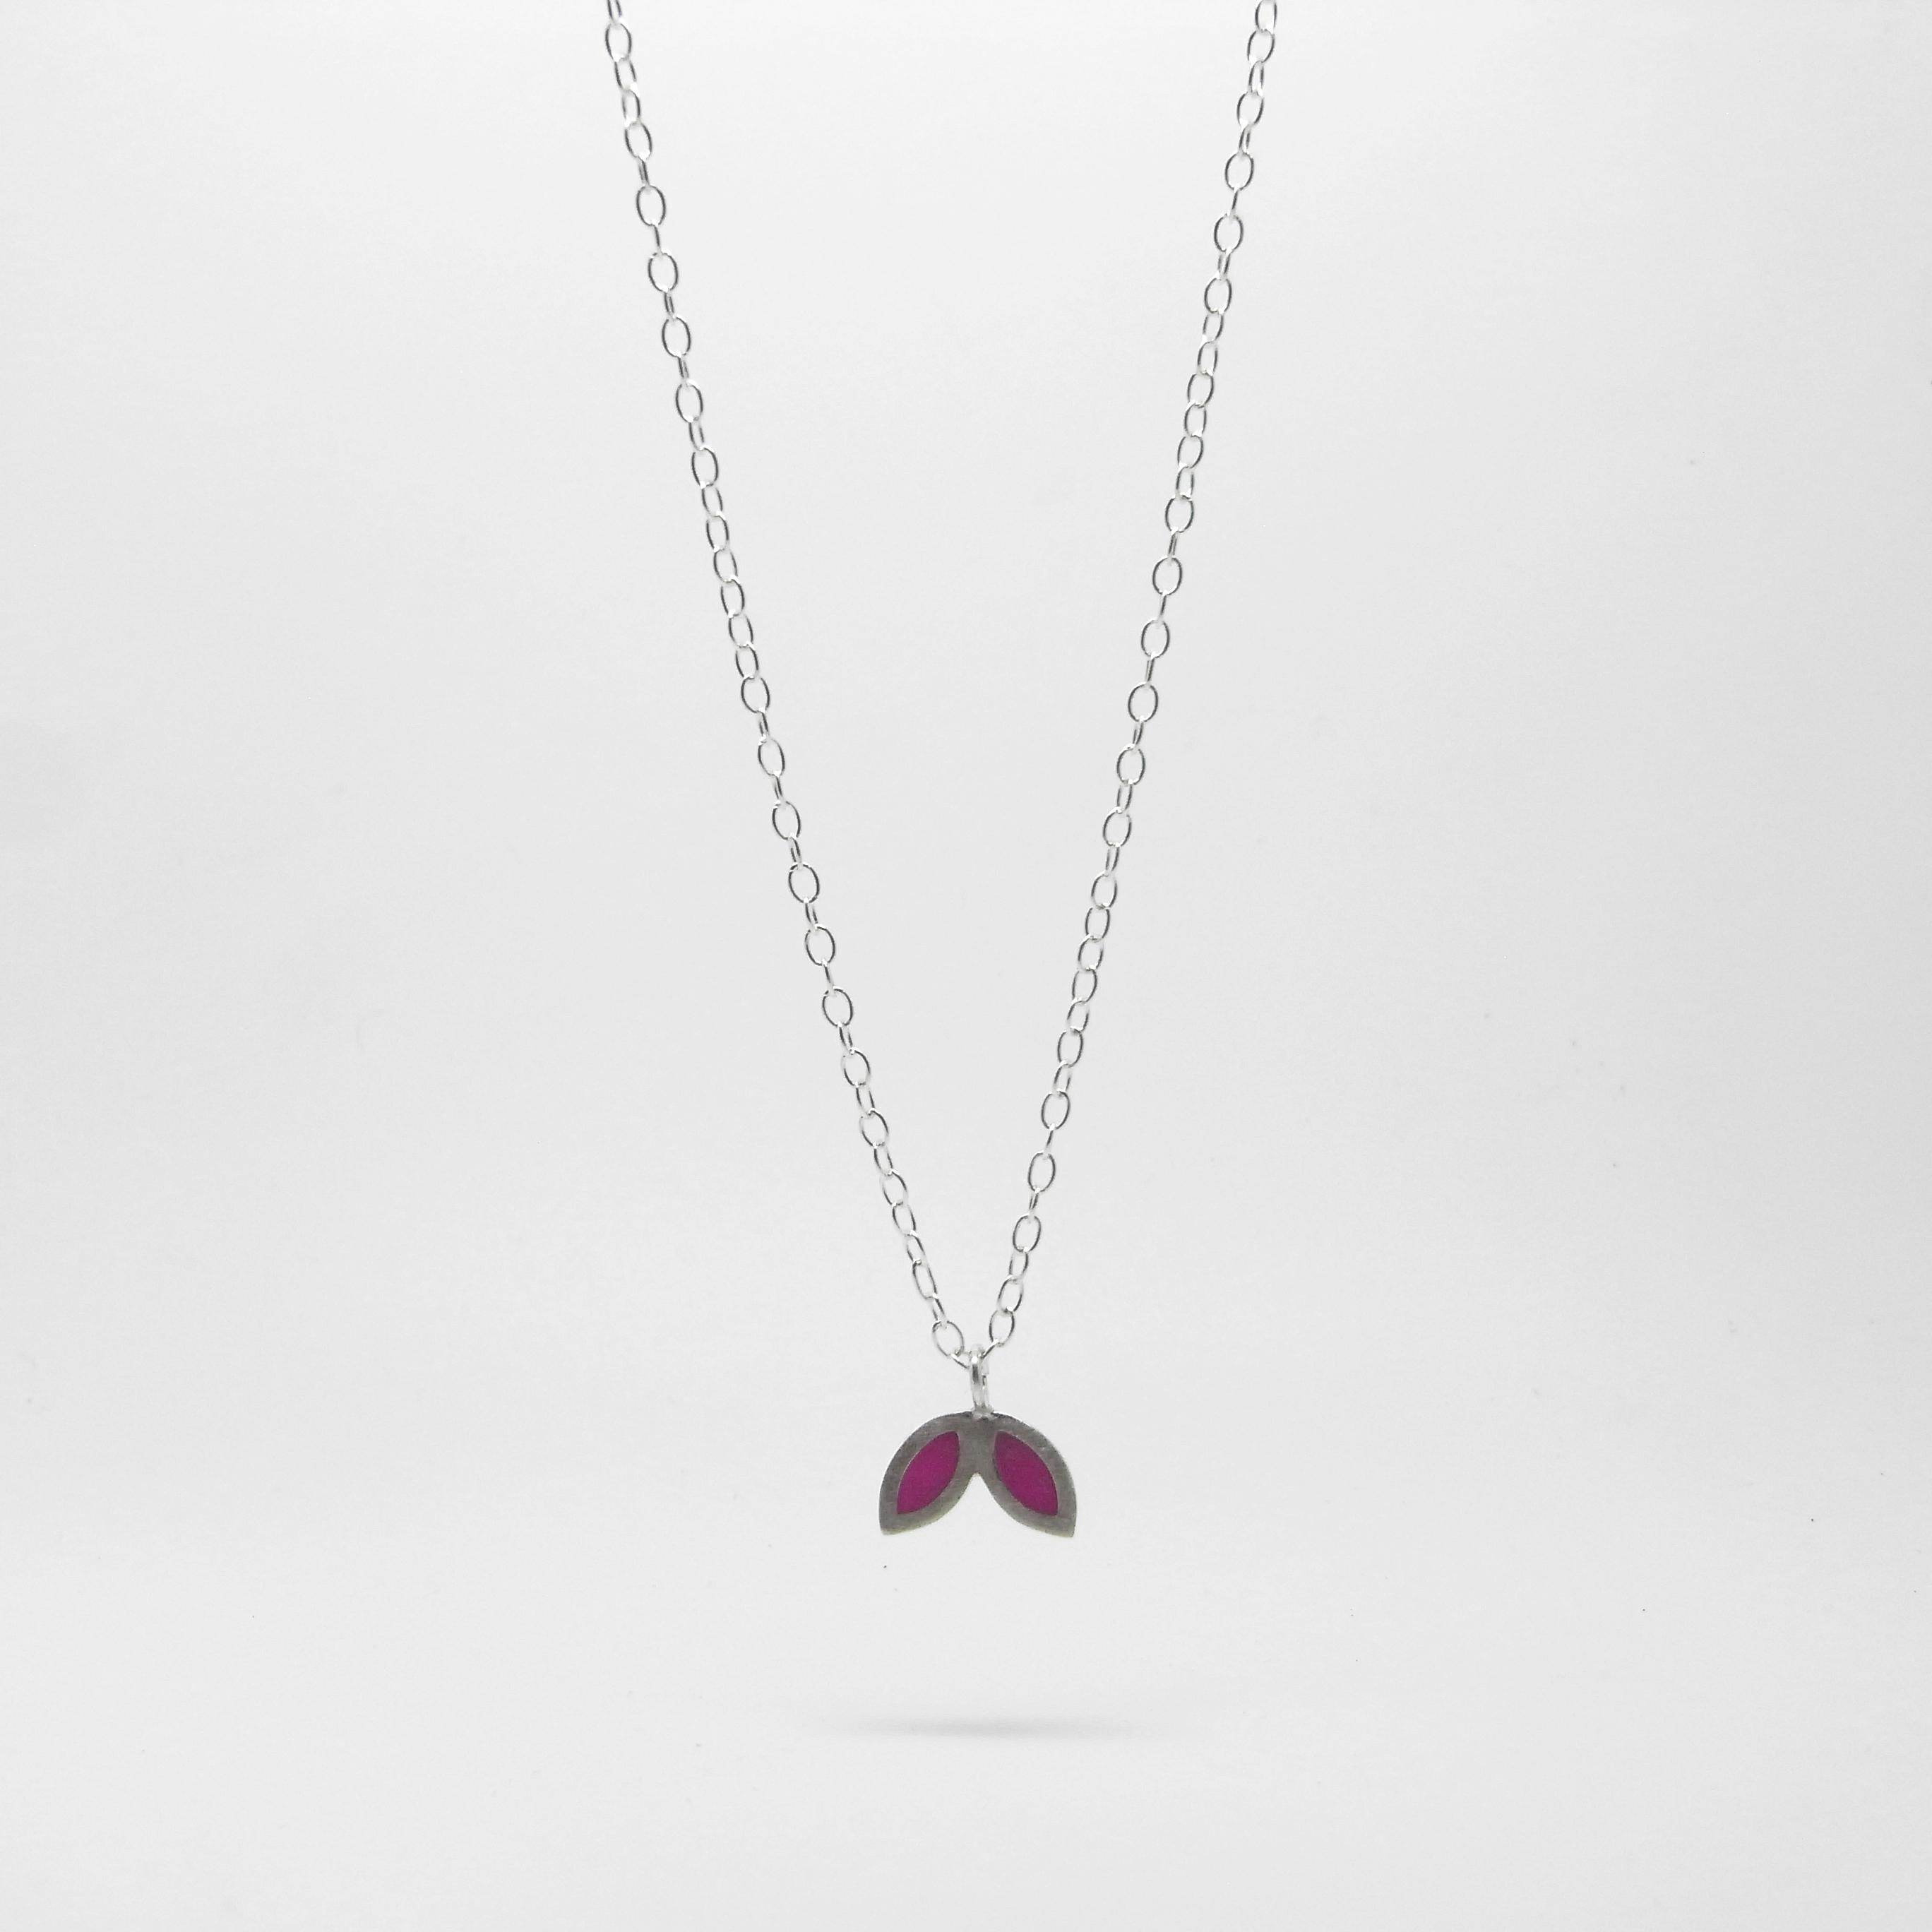 SALE - Small Petal Necklace Purple